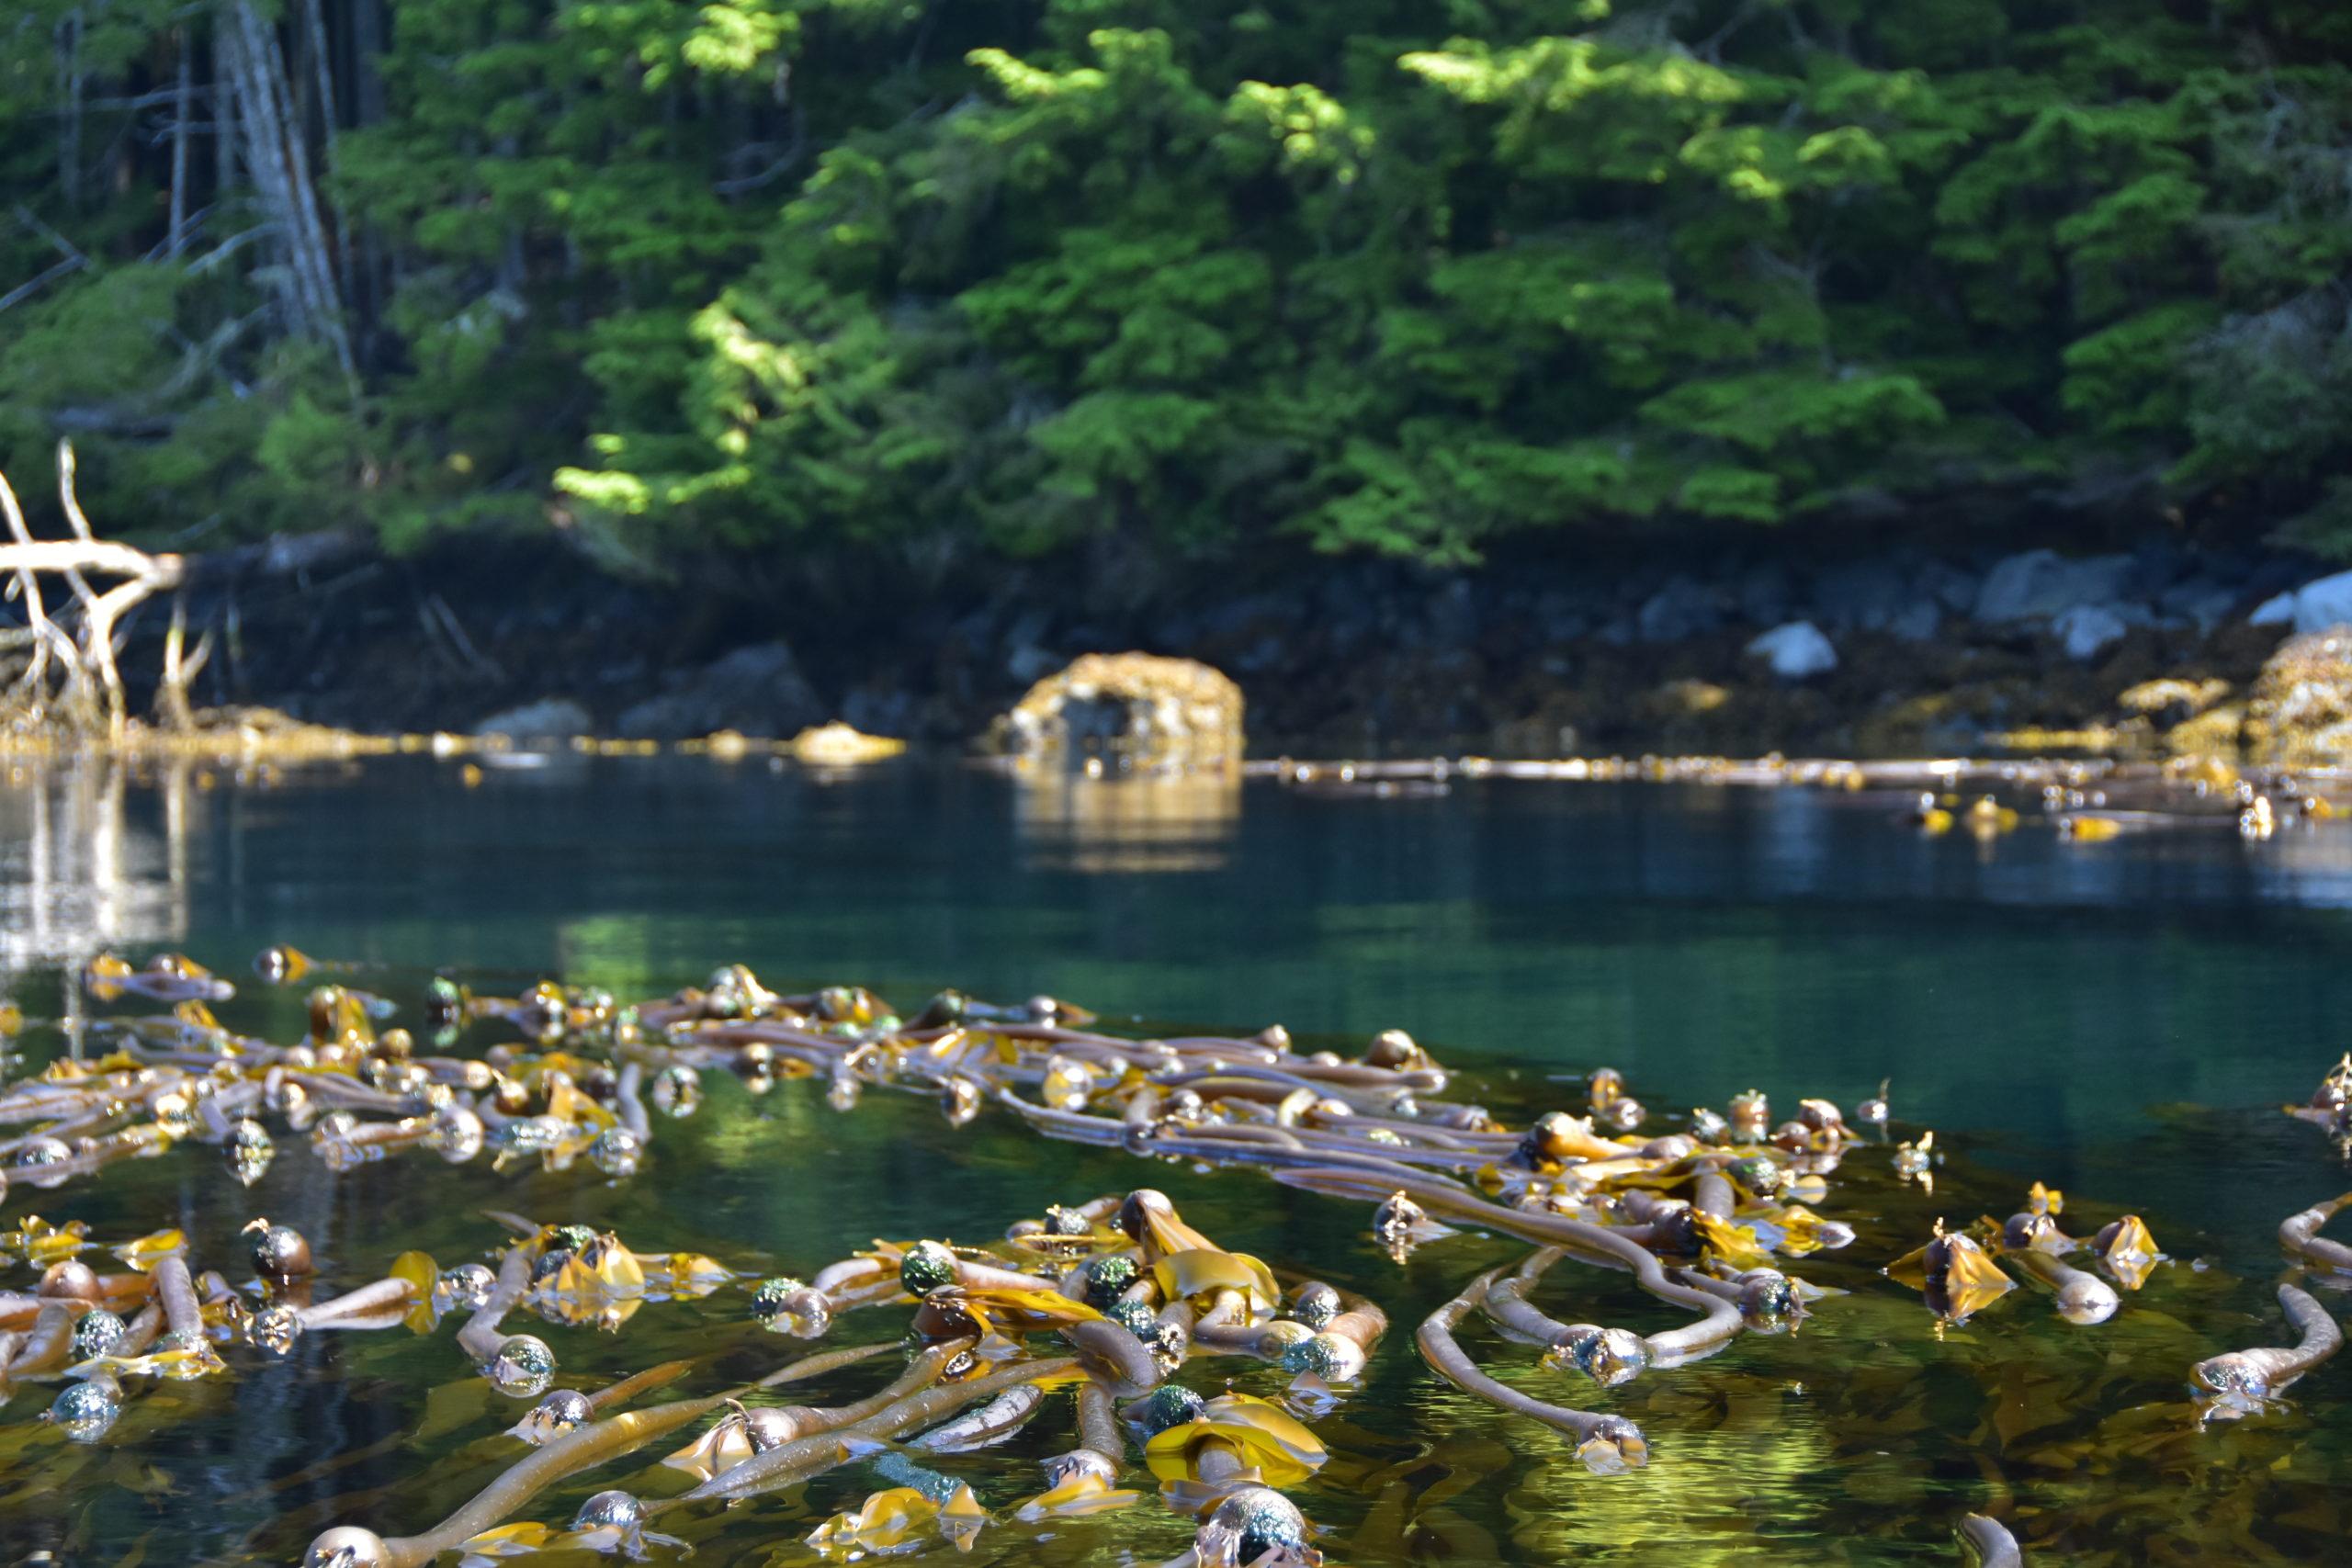 bul kelp, Johnstone Strait